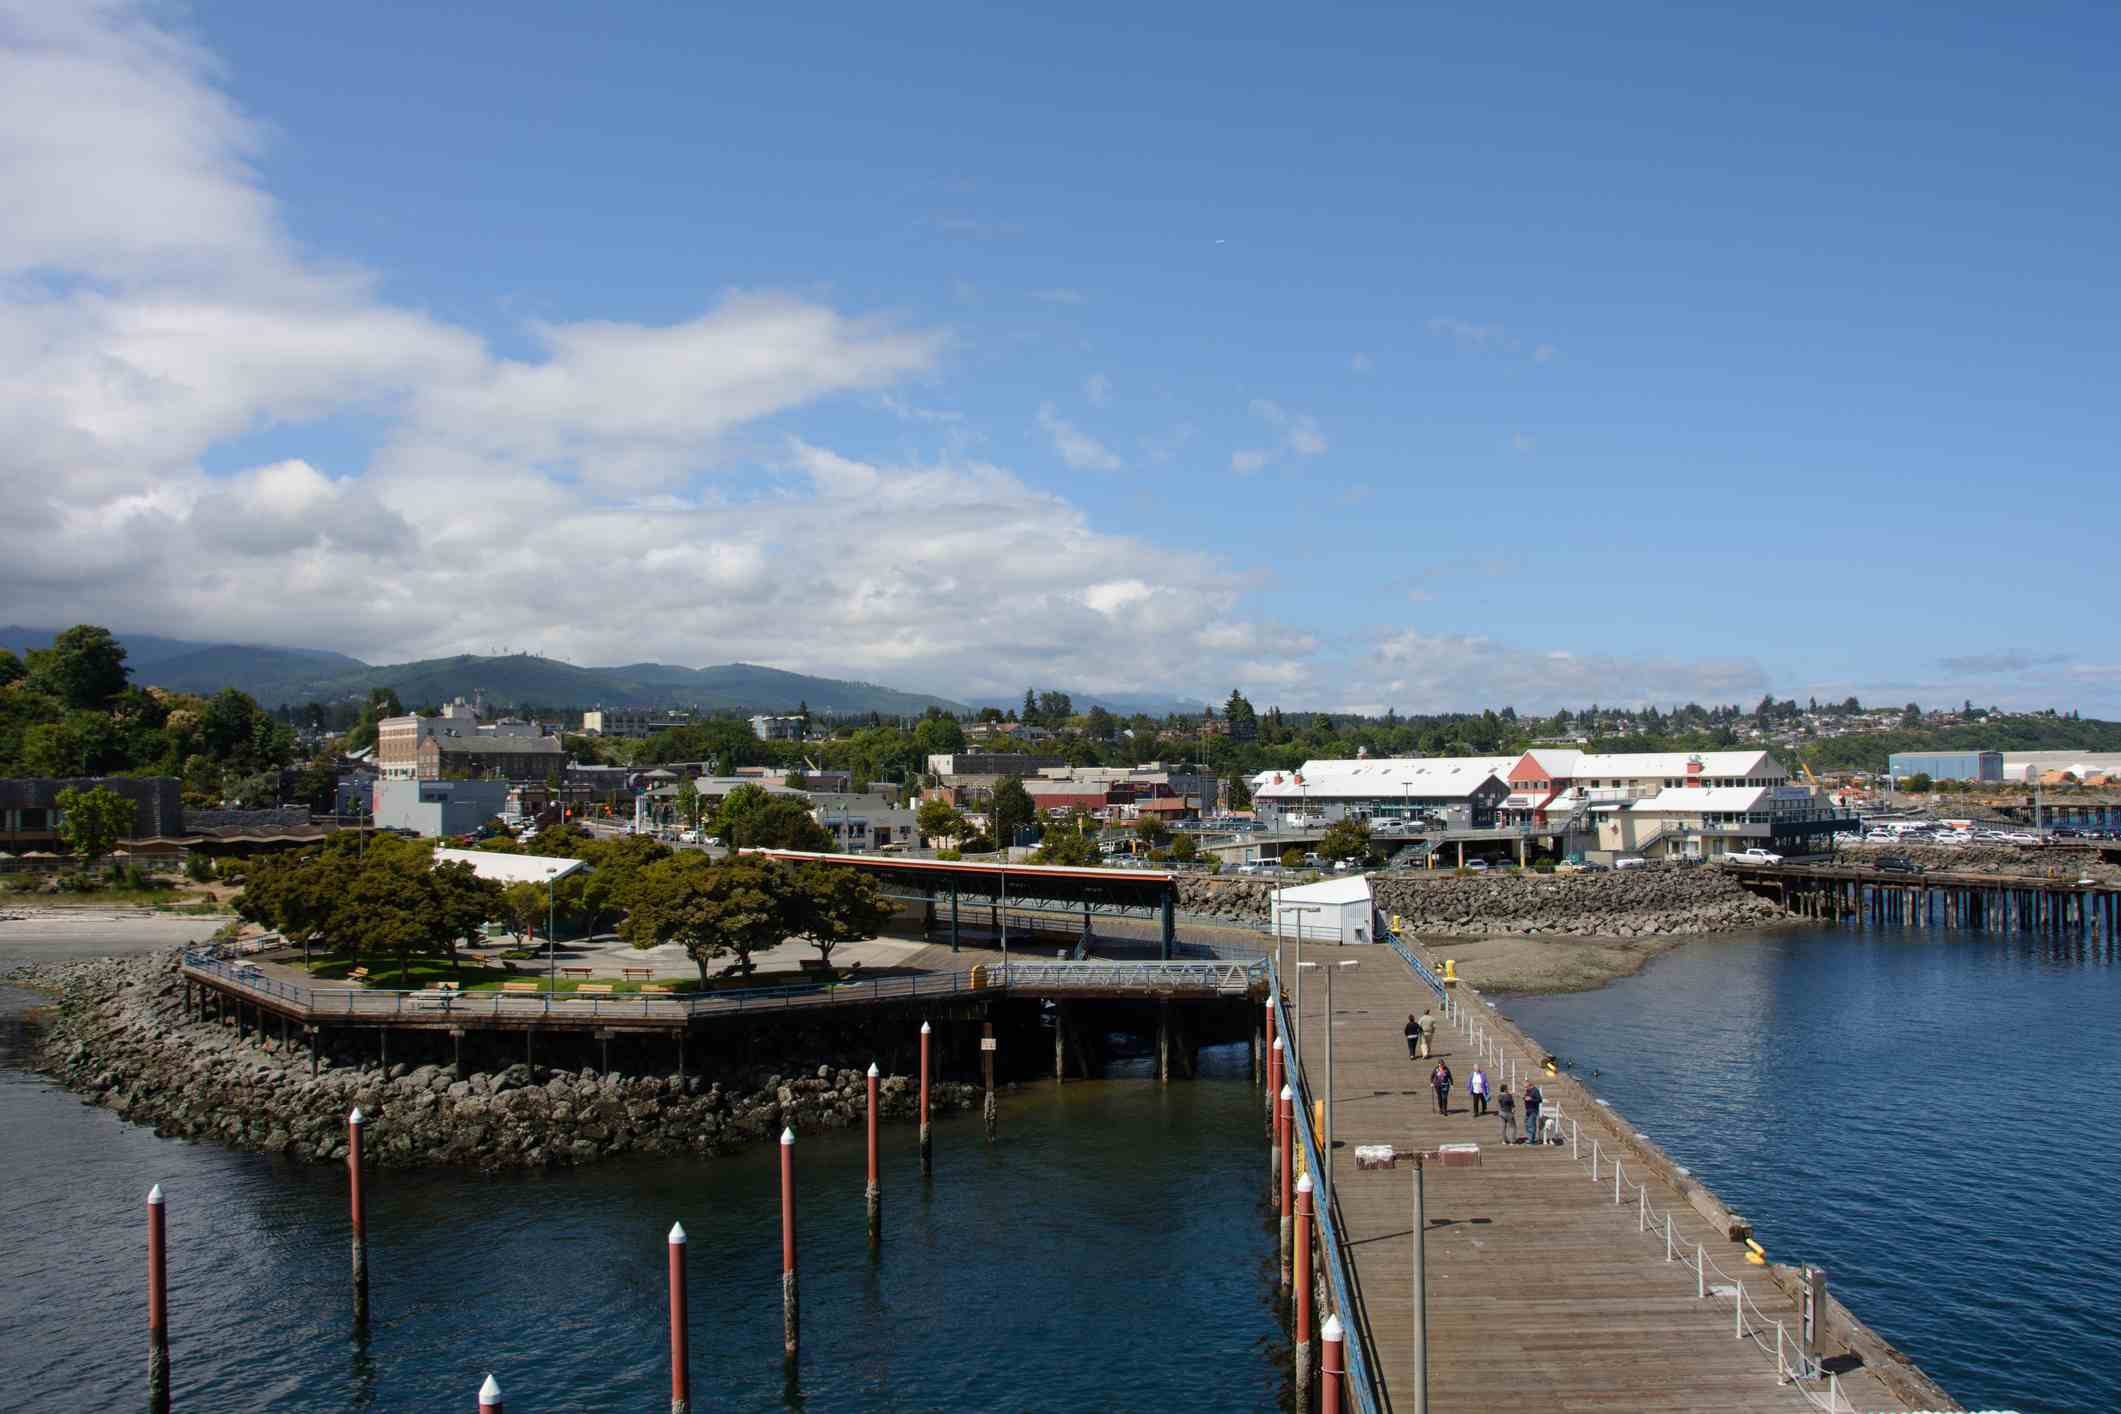 Muelle de la ciudad de Port Angeles